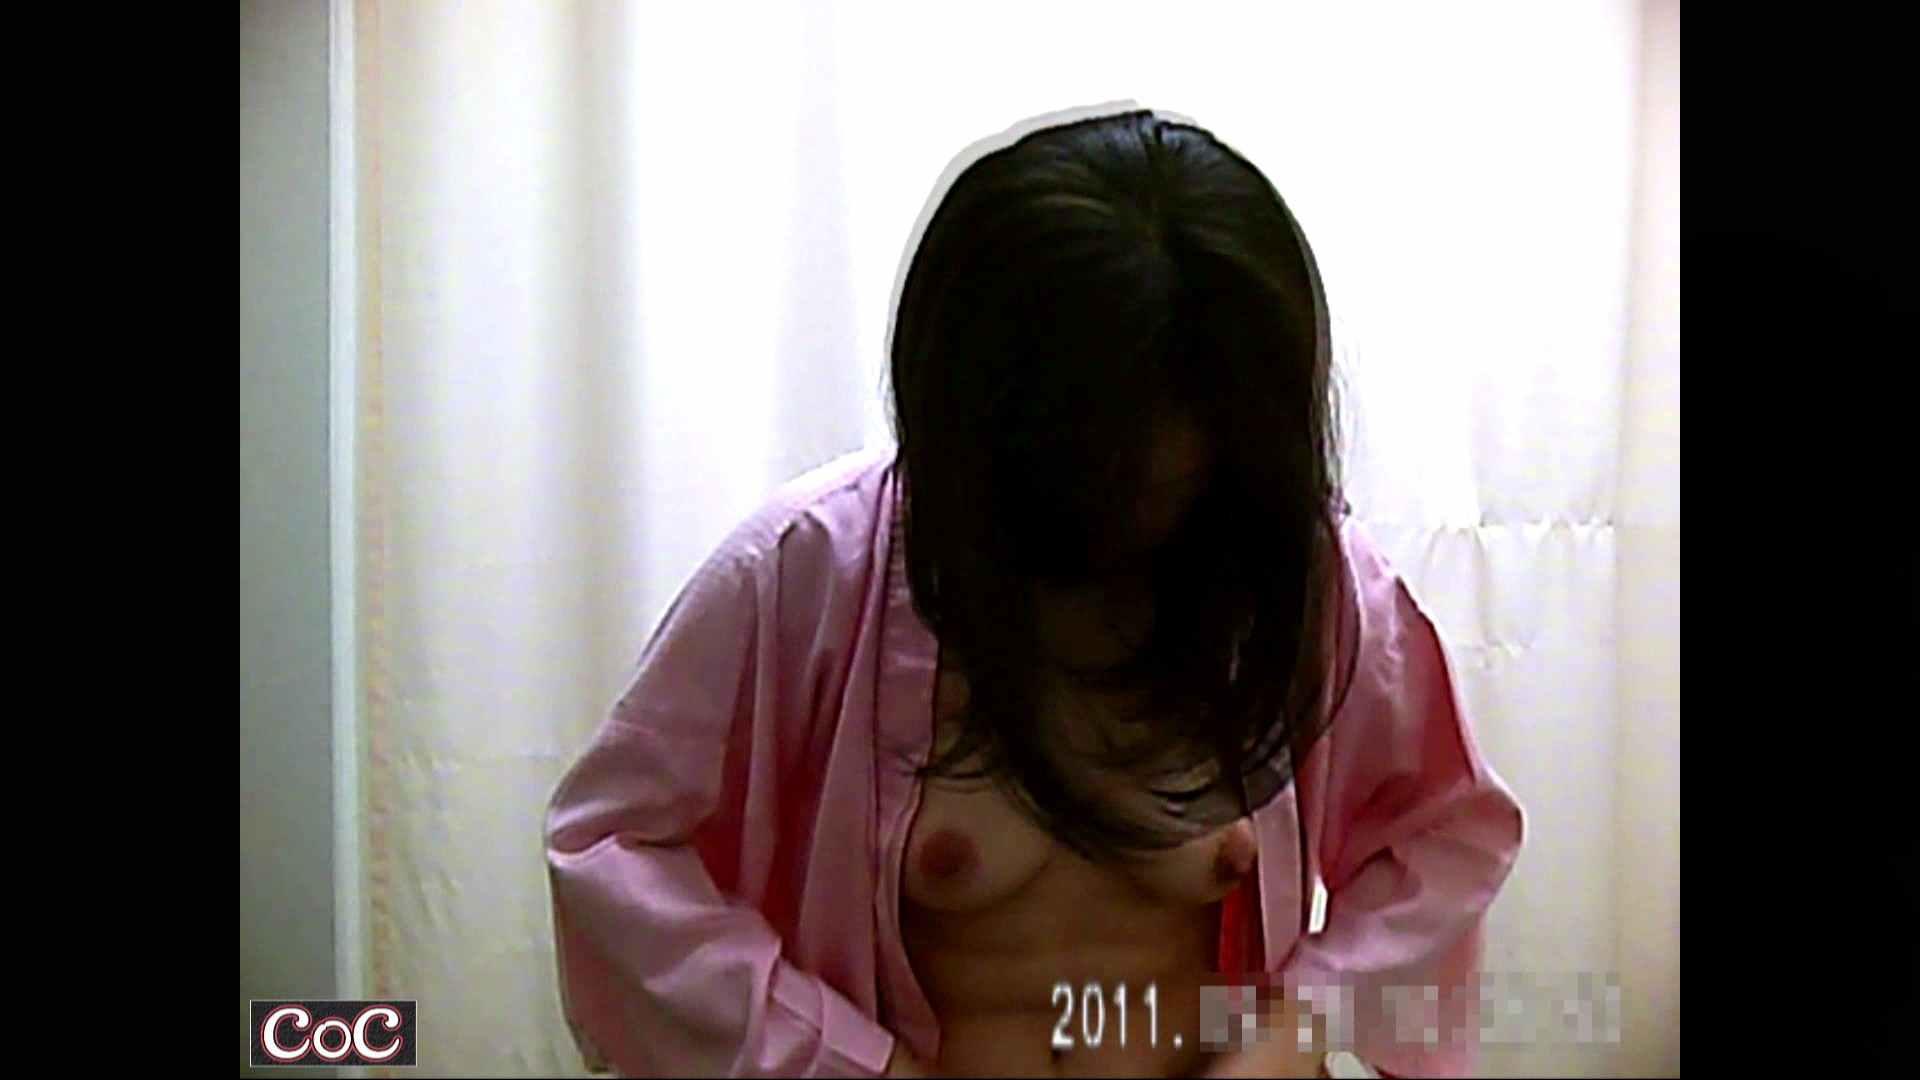 病院おもいっきり着替え! vol.41 貧乳 おまんこ無修正動画無料 104pic 6